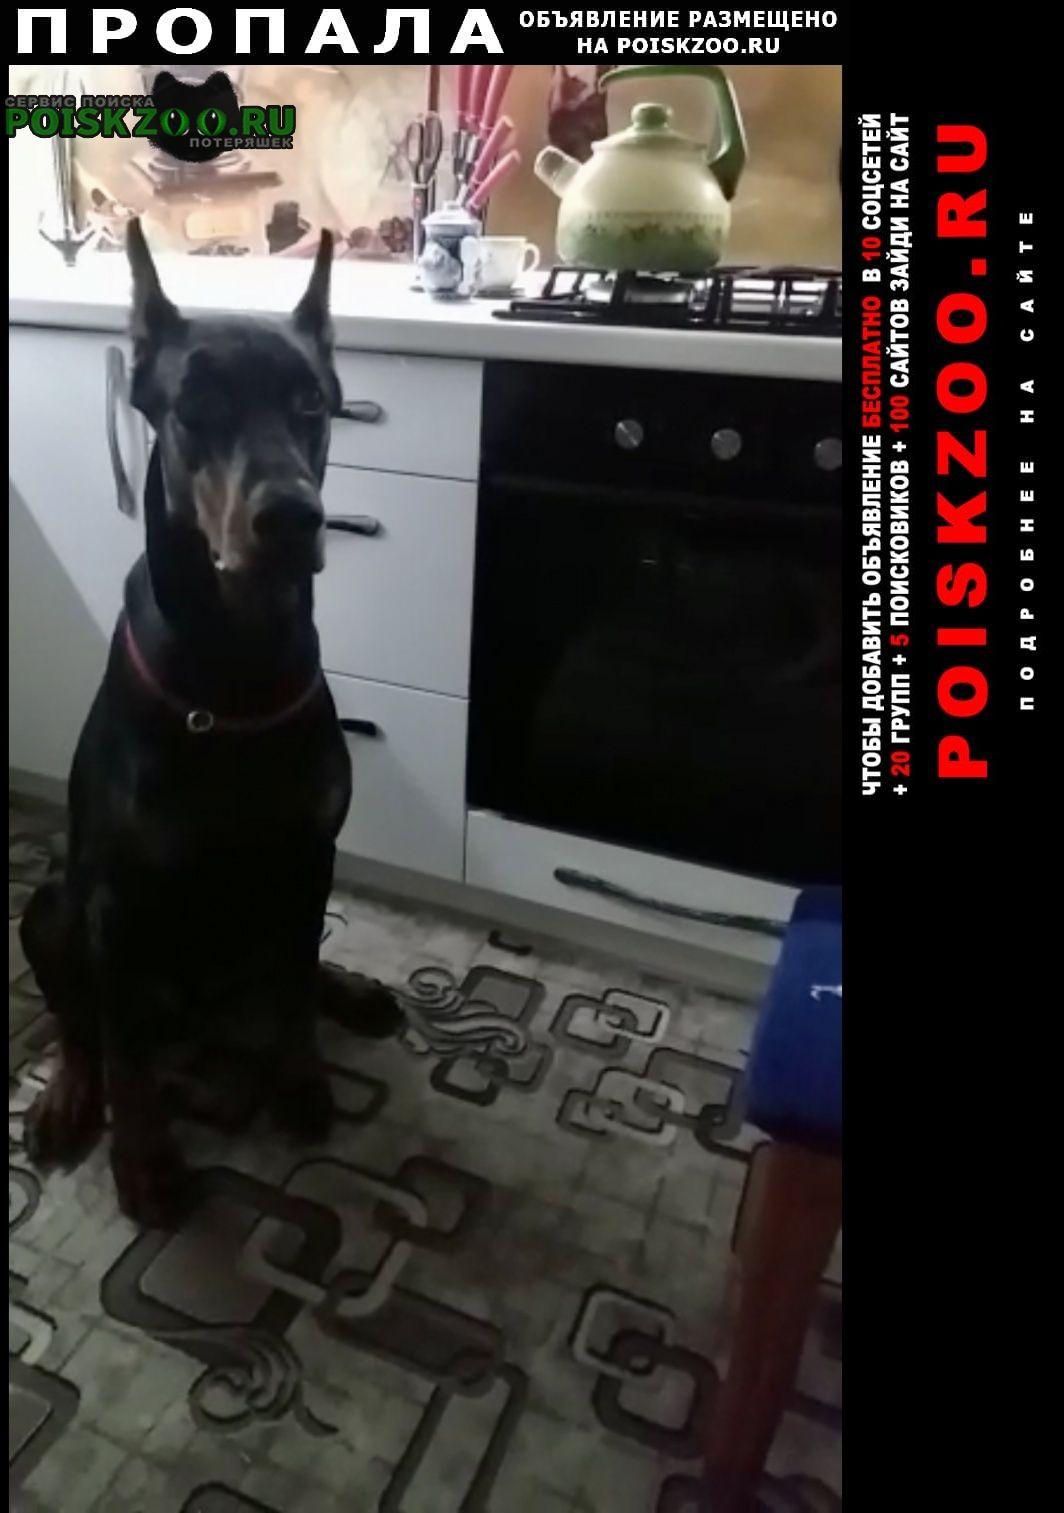 Пропала собака кобель доберман Орловский